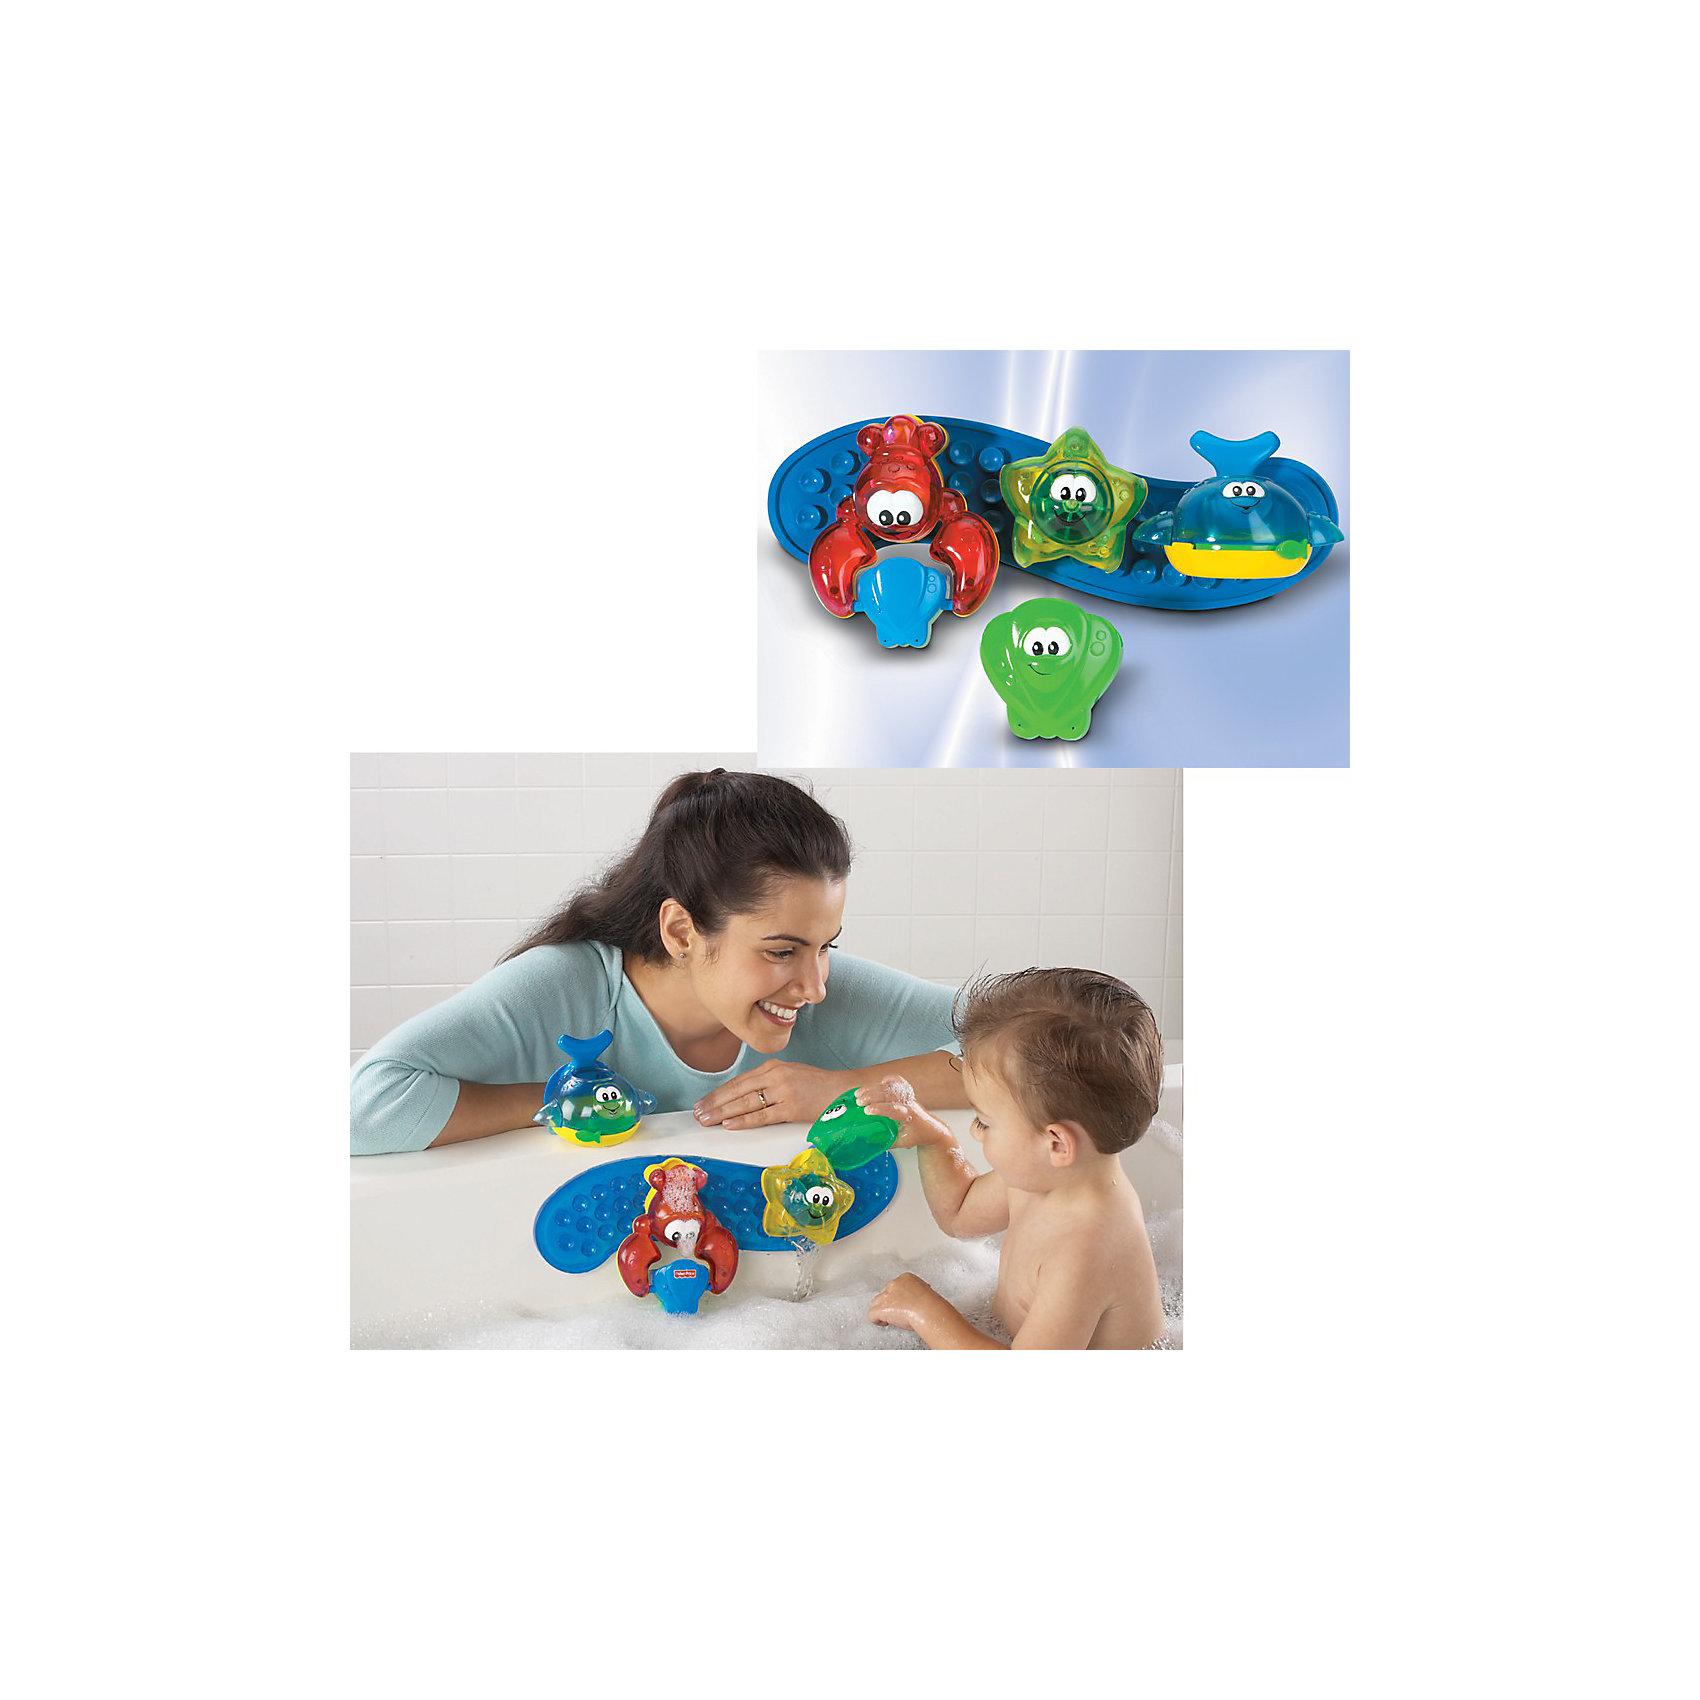 Fisher-Price Игрушка для ванной Подводная командаИгровая панель Подводная команда для весёлых игр в ванной от Fisher-Price.<br><br>Игрушка состоит из четырех морских зверюшек, каждая из которых совершает интересные действия:<br><br>- внутри синего кита поворачивается рычажок, который регулирует скорость выливания воды<br>- красный краб с ведерком, которое переворачивается, если в него налить много воды<br>- морская звезда, внутри которой находится водяная мельничка<br>- ракушка, в которую можно набирать воду, чтобы лить на других зверюшек<br><br>Все зверюшка крепятся с помощью игровой панели на присосках на край ванны.<br><br>Дополнительная информация:<br><br>- Размер панели: 36х10 см<br><br>Ширина мм: 386<br>Глубина мм: 110<br>Высота мм: 165<br>Вес г: 673<br>Возраст от месяцев: 6<br>Возраст до месяцев: 36<br>Пол: Унисекс<br>Возраст: Детский<br>SKU: 1430057